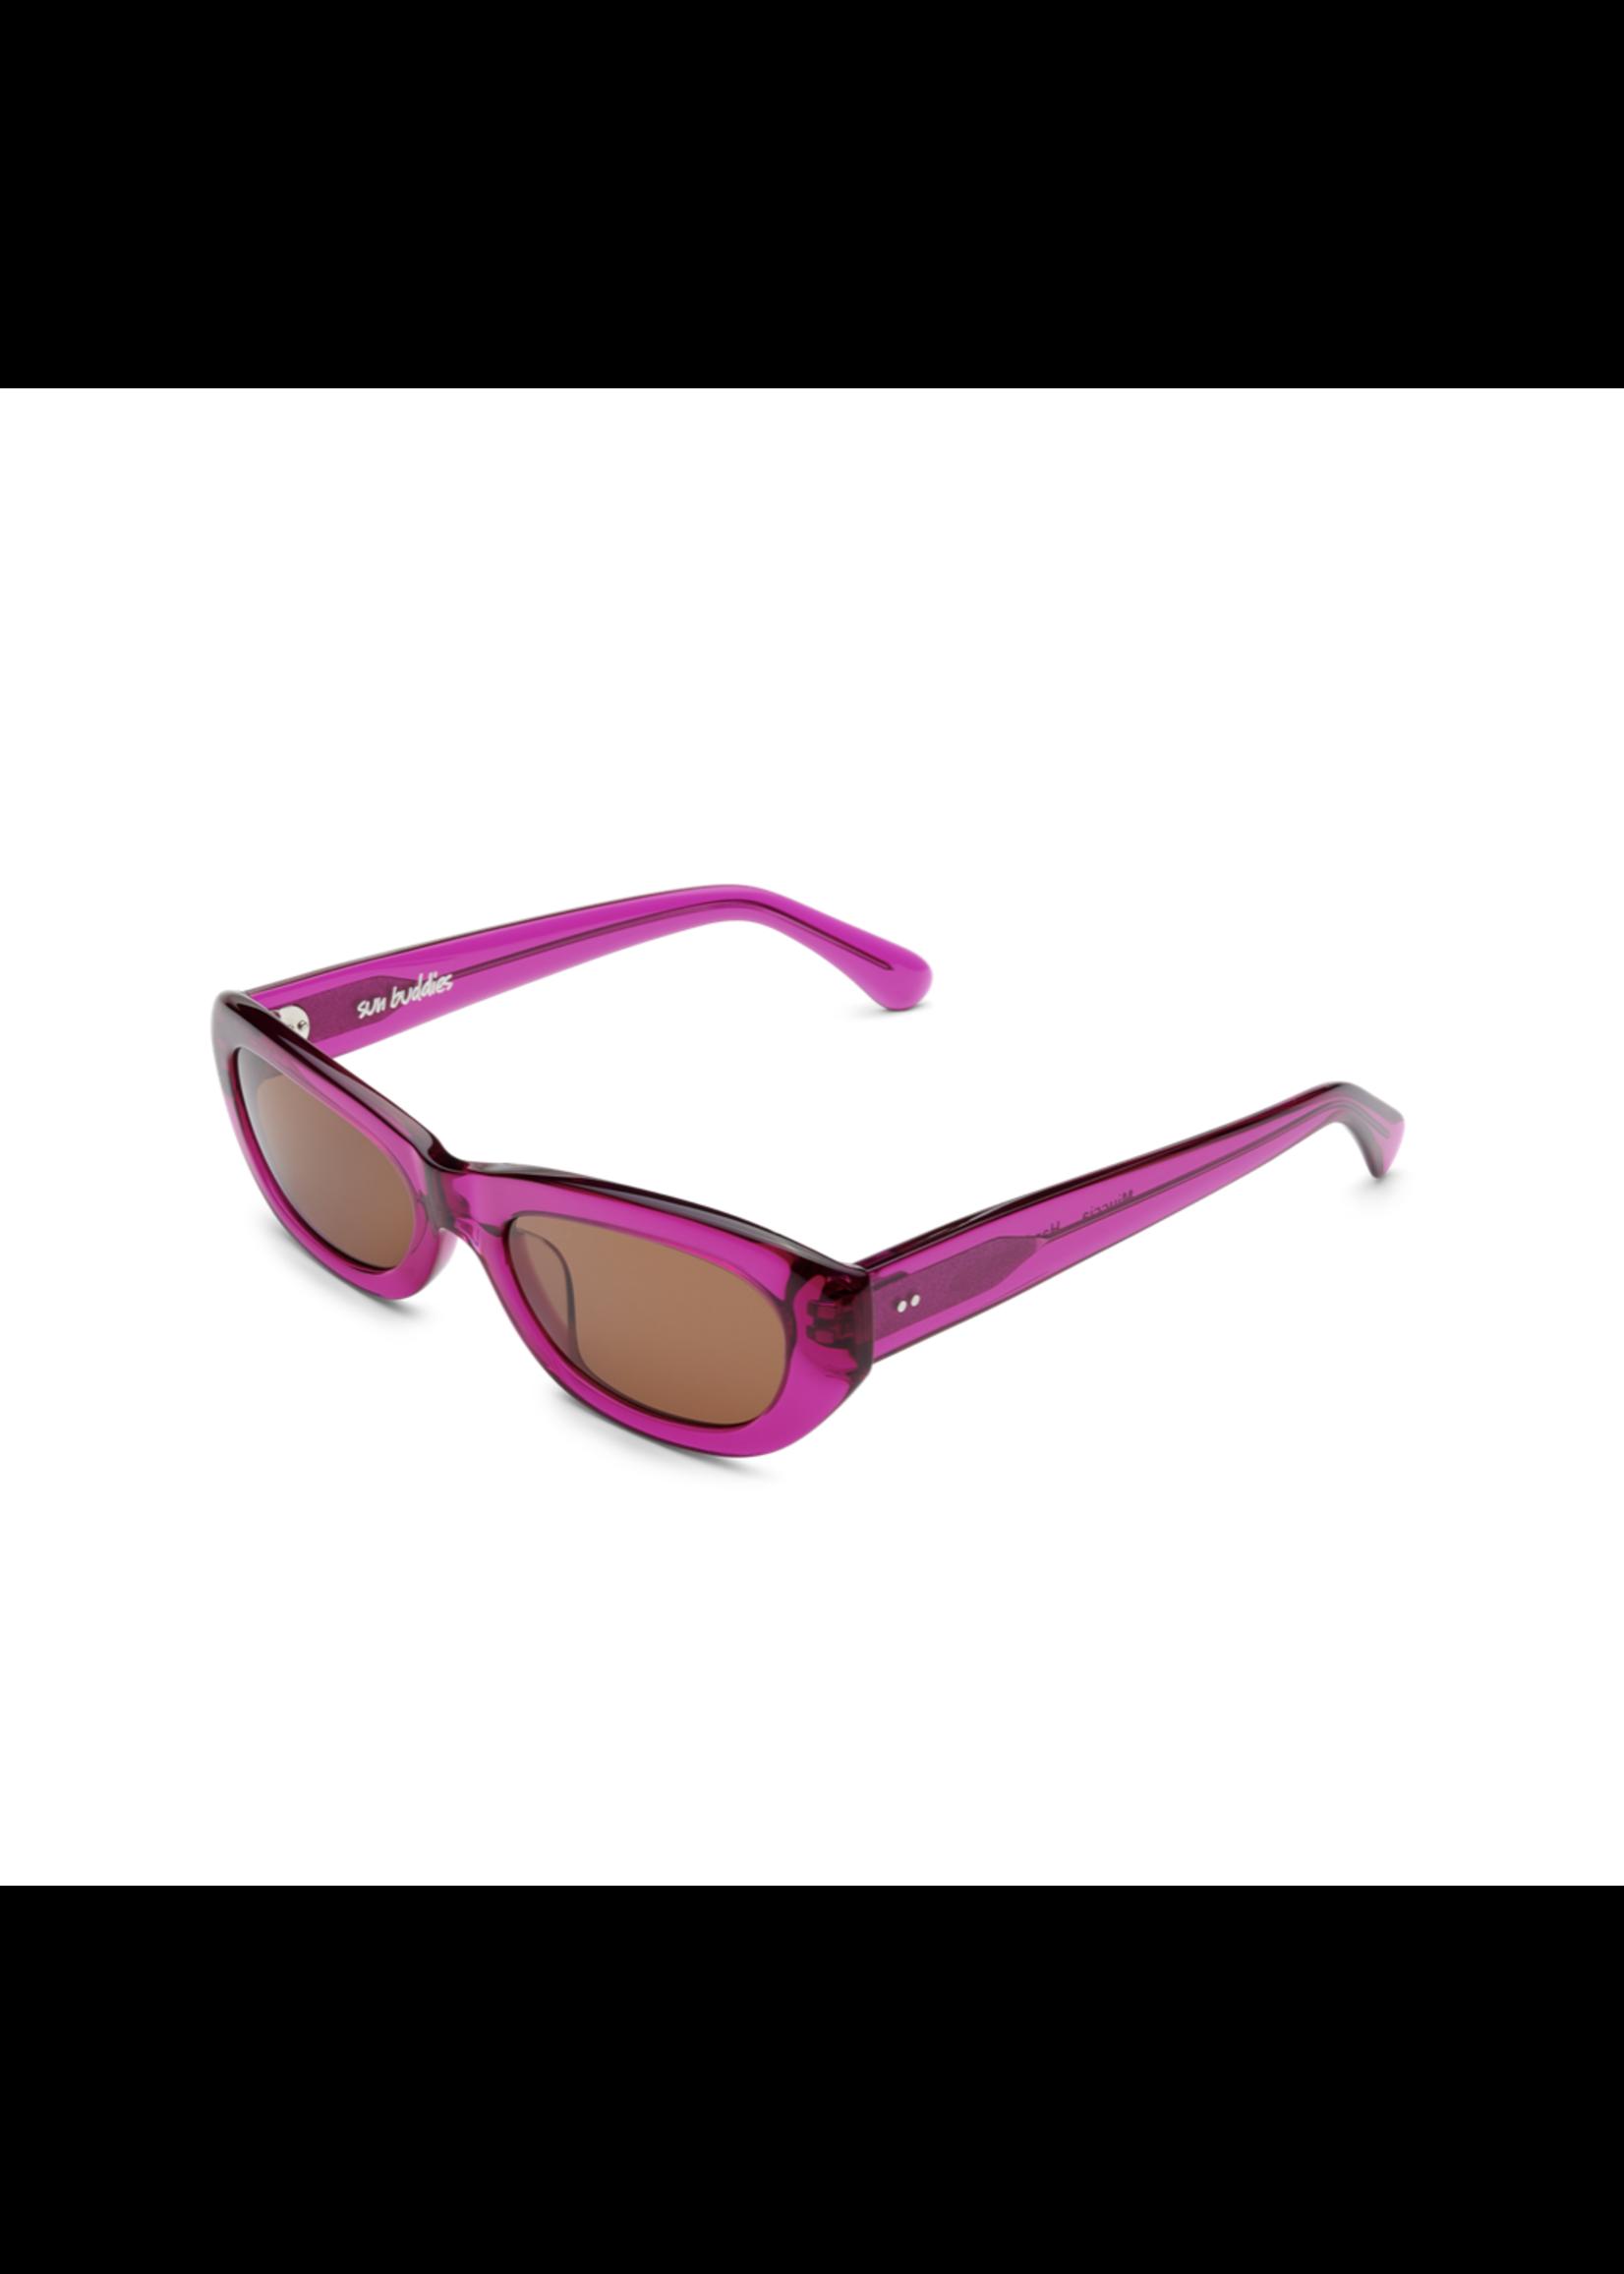 Sun Buddies Miuccia Sunglasses in Magenta